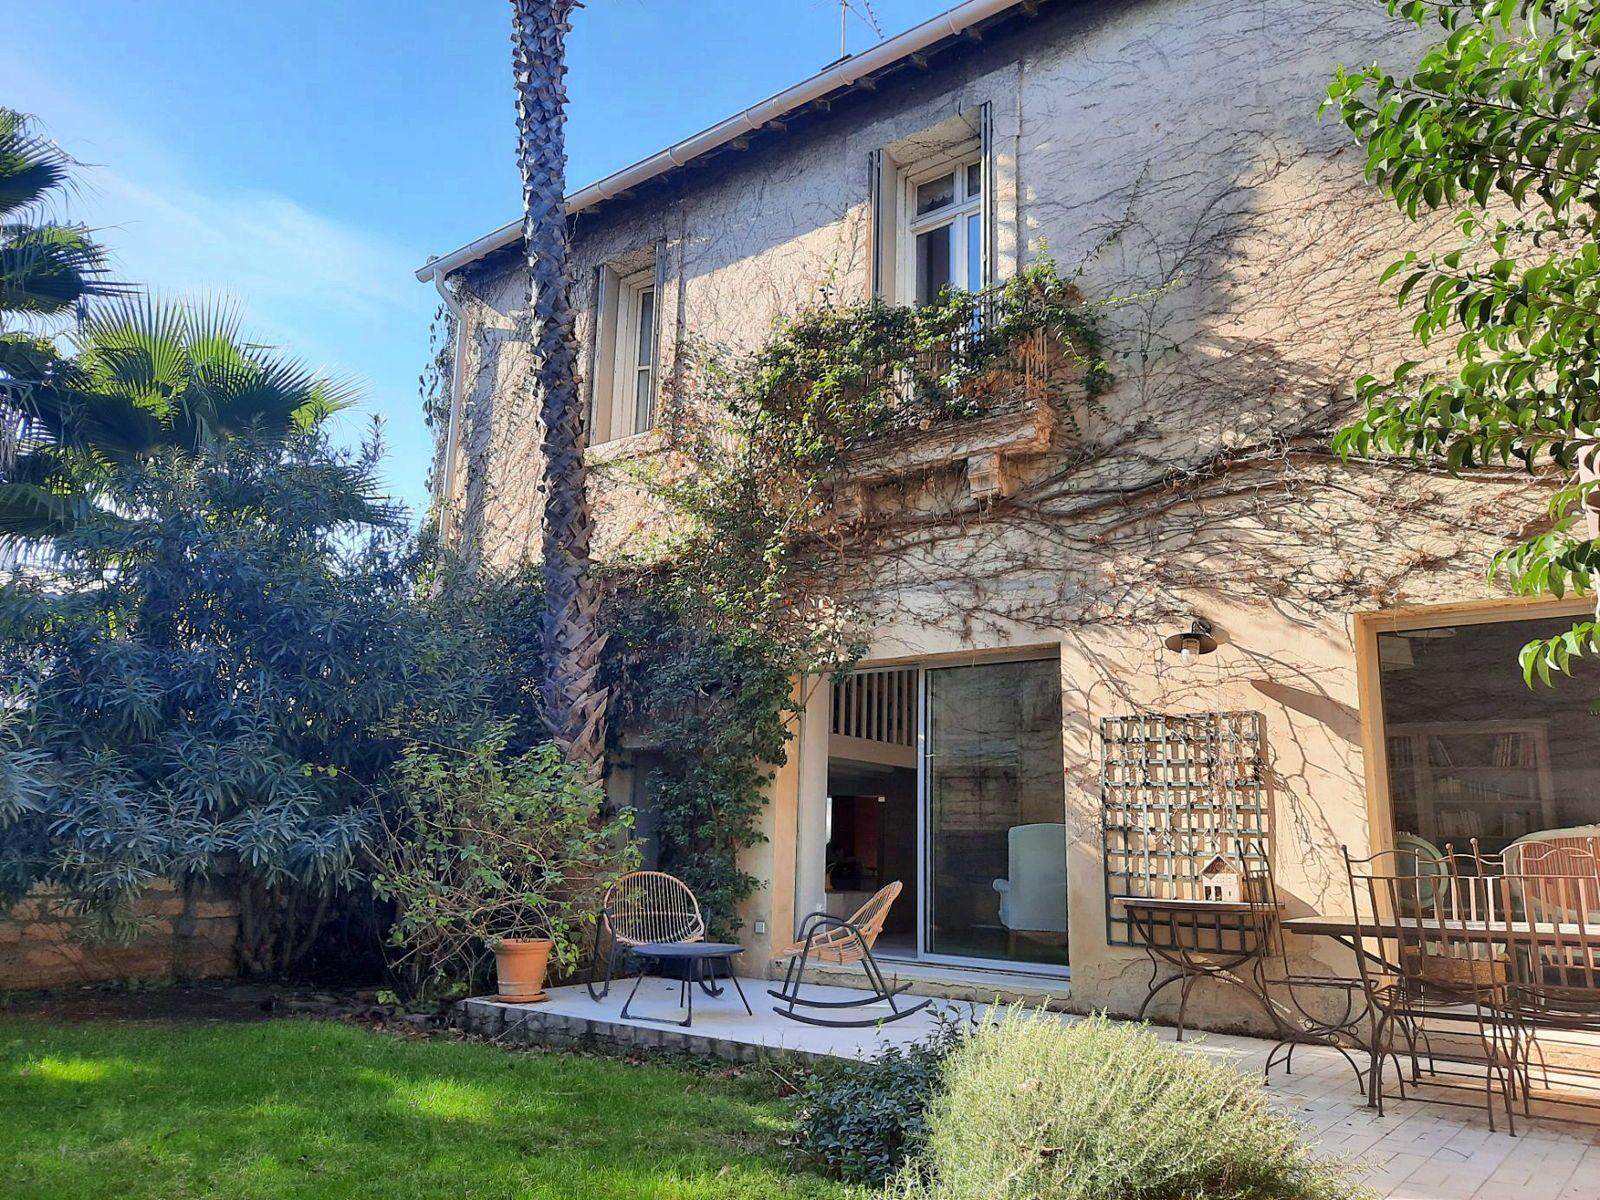 Vends Maison en pierre de 210m² - 6chambres - Montpellier (34)